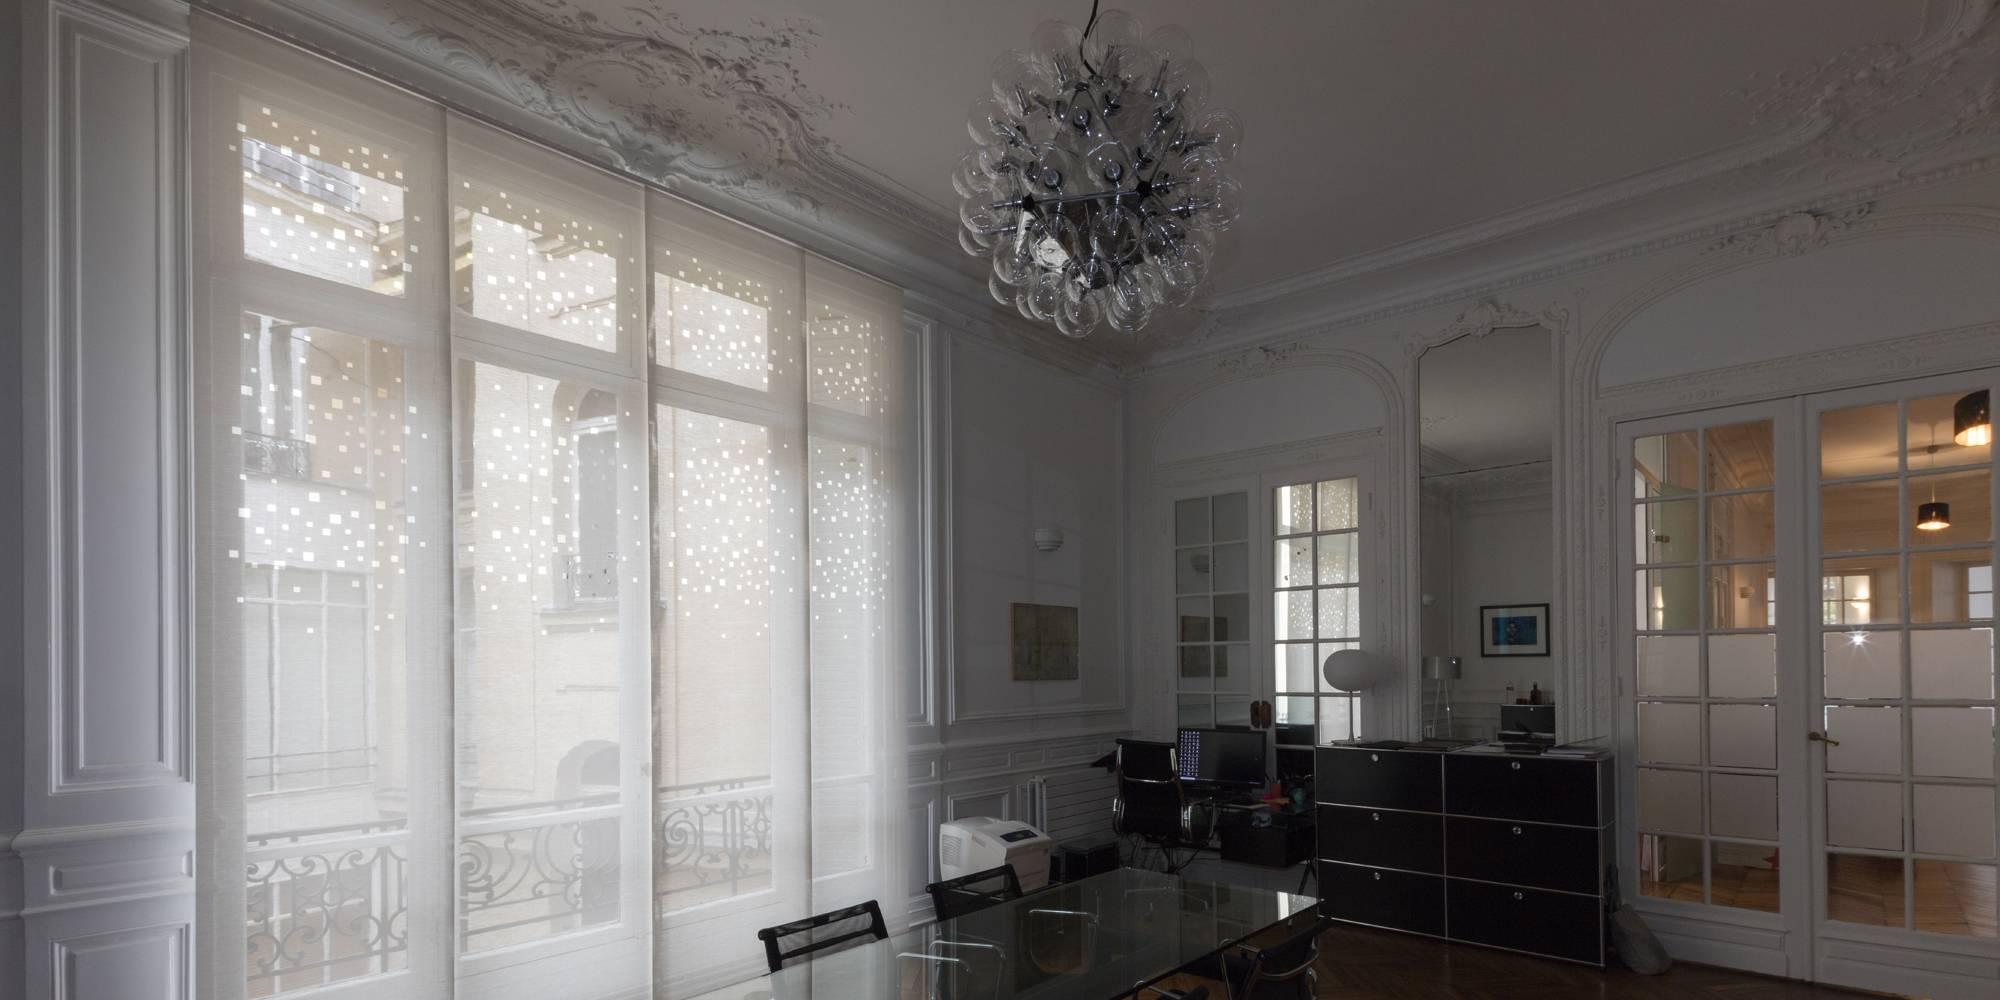 """Panneaux """"lumières de la ville"""" pour habiller de belles et grandes fenêtres"""